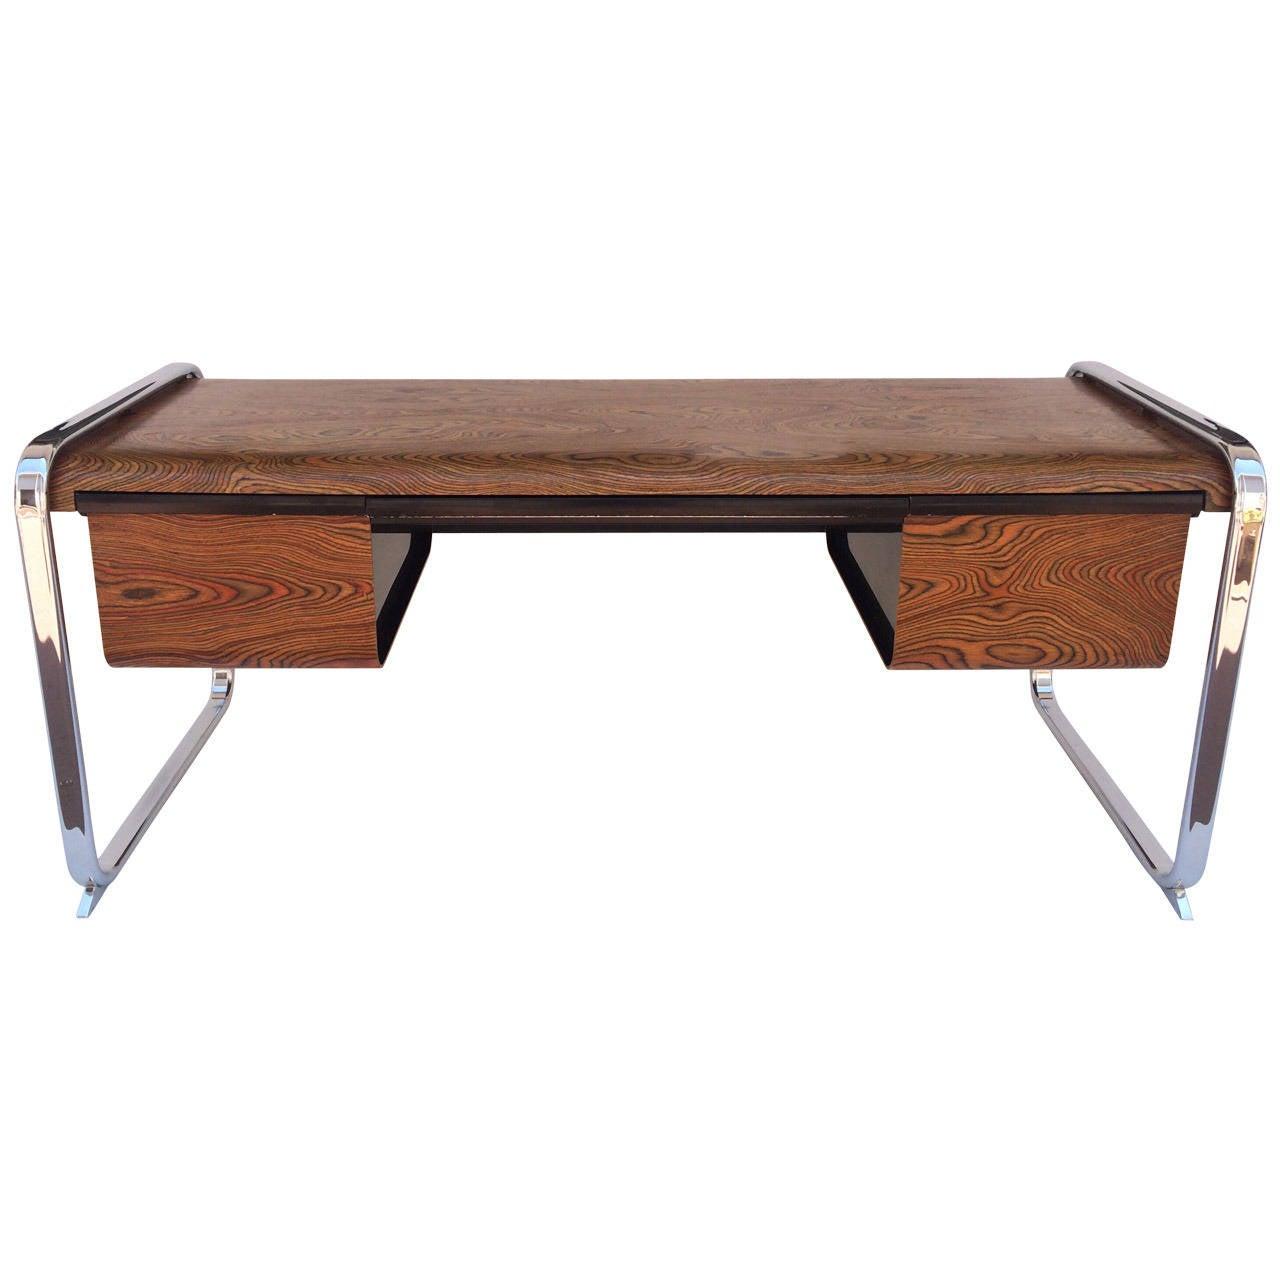 zebra wood and chrome deskpeter protzman for herman miller at